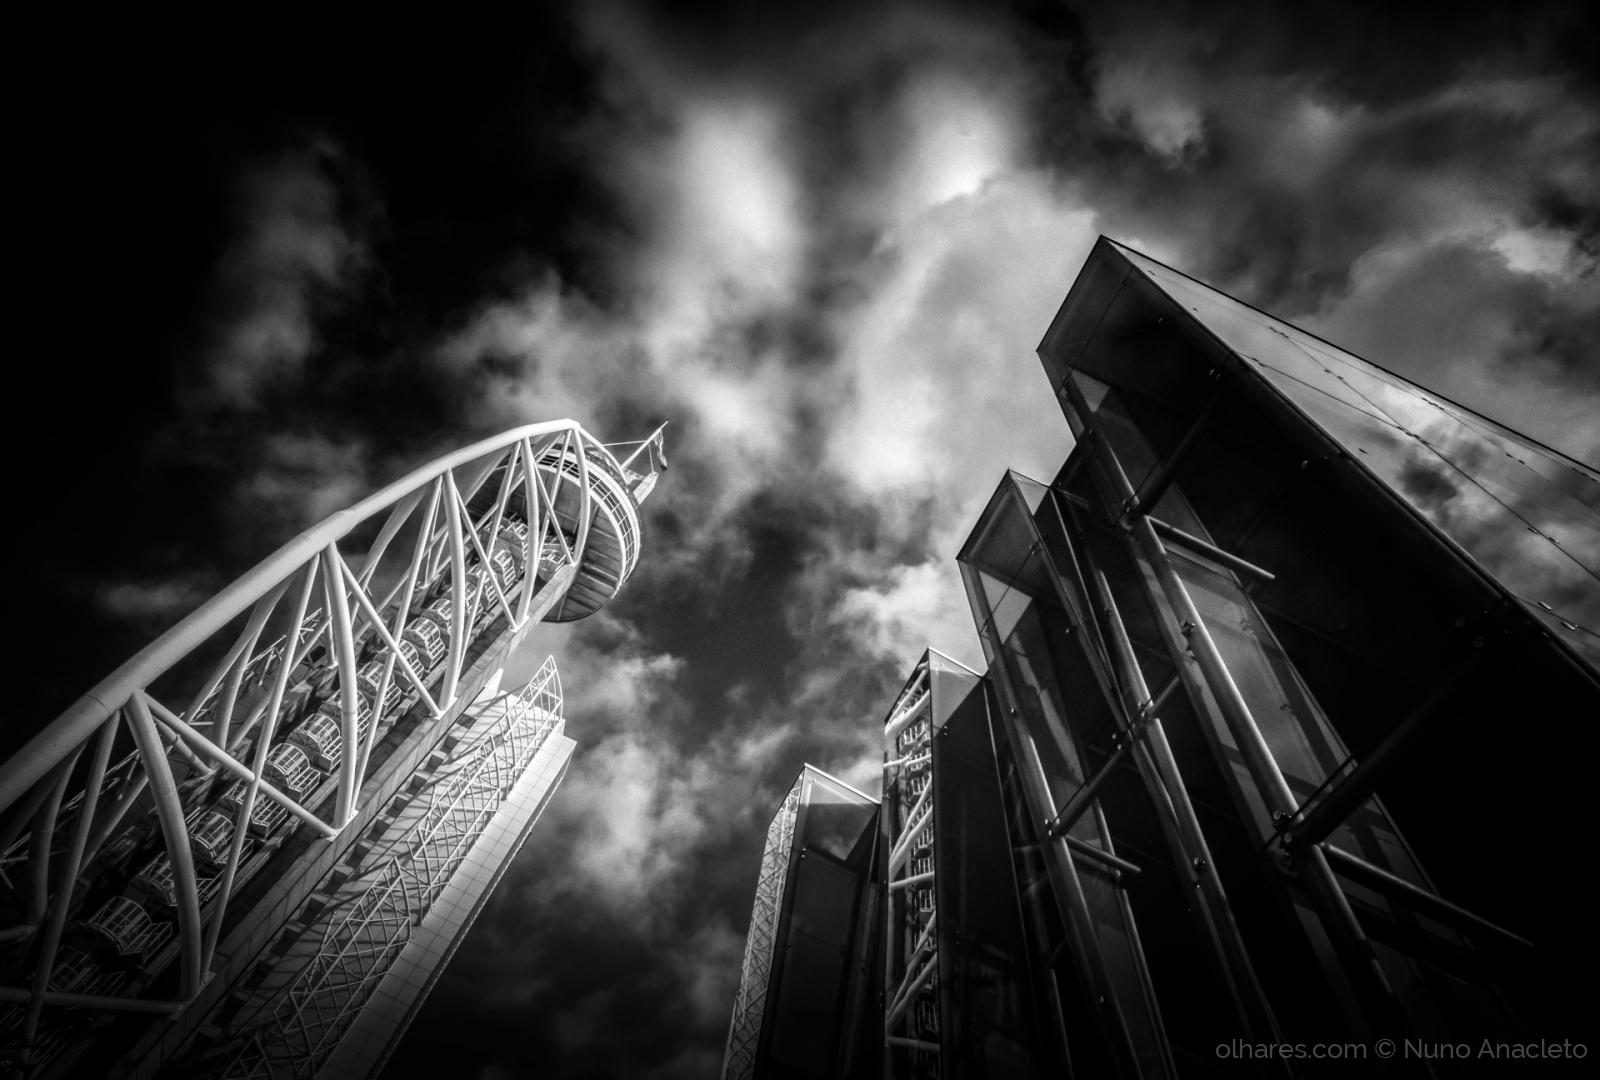 Arquitetura/Dark Towers 2.0